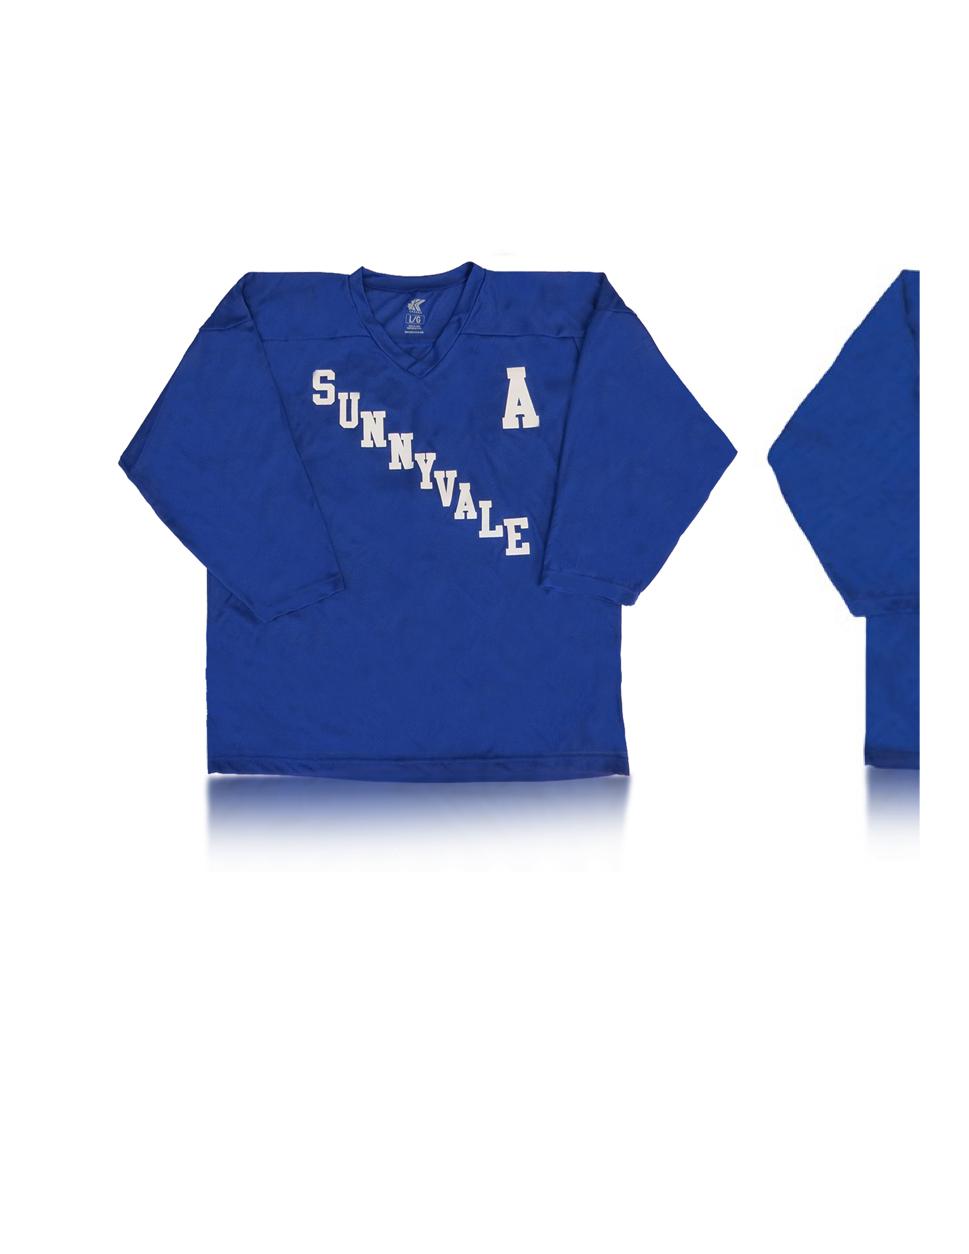 Julian Sunnyvale hockey jersey 41389d446